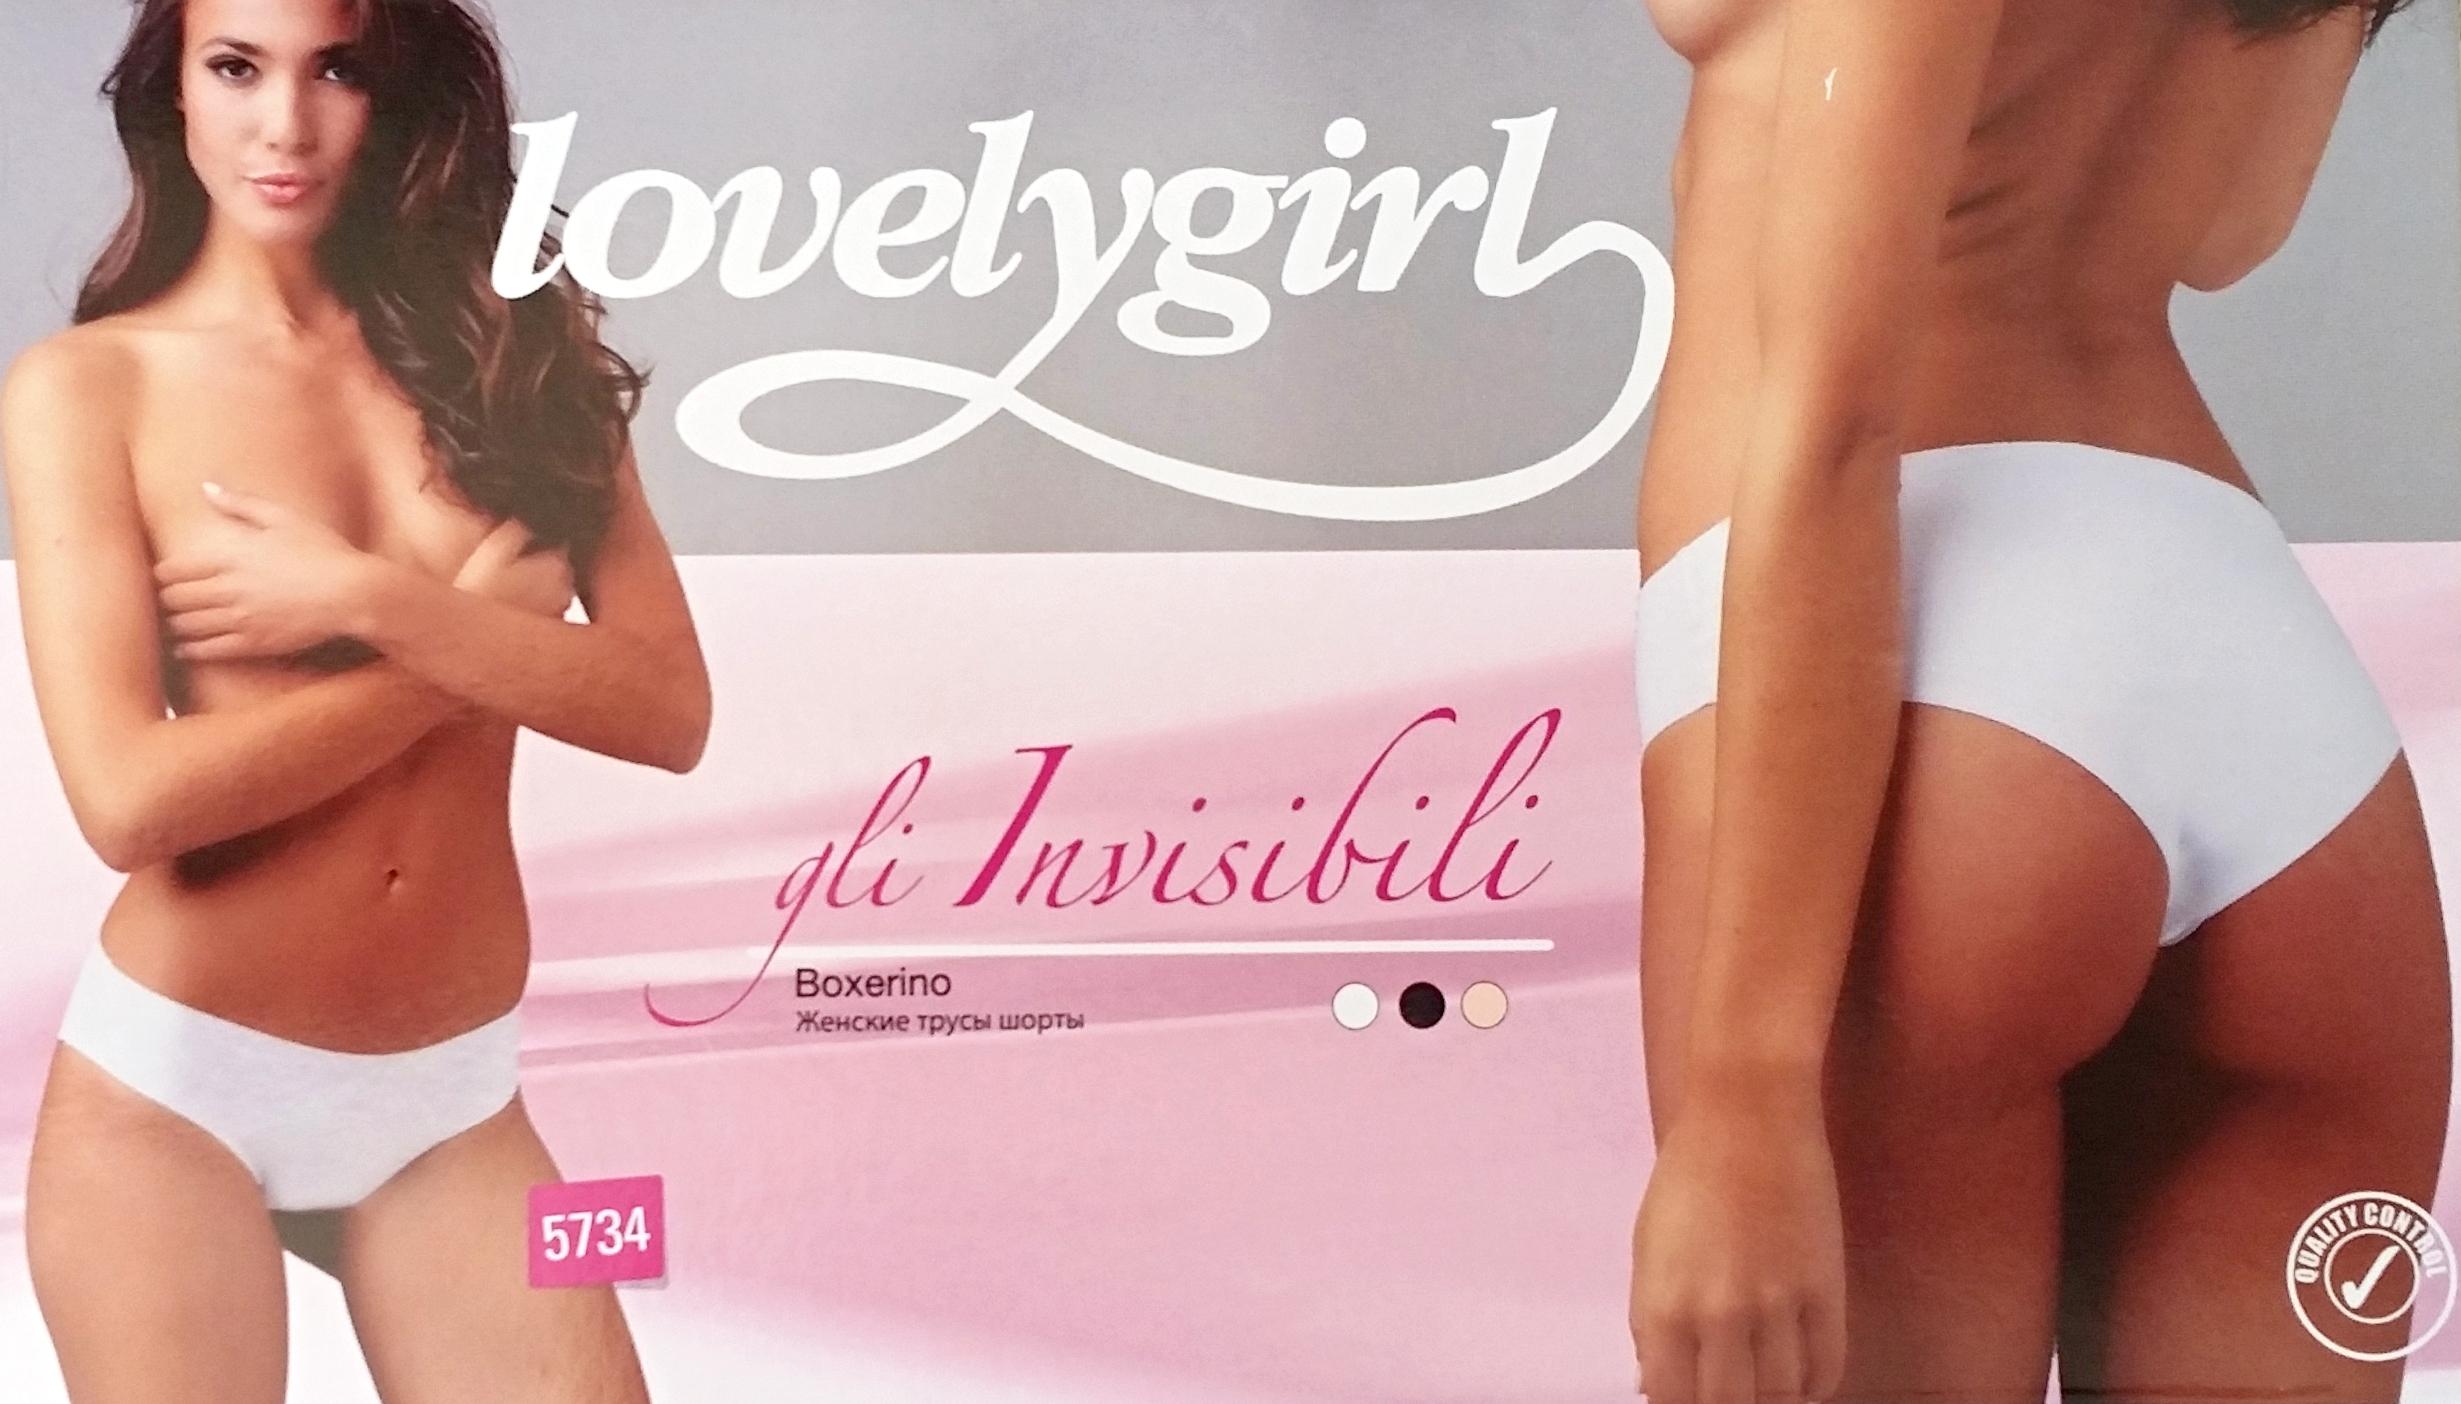 Lovelygirl 5734 dámské laserové kalhotky, bílá, L